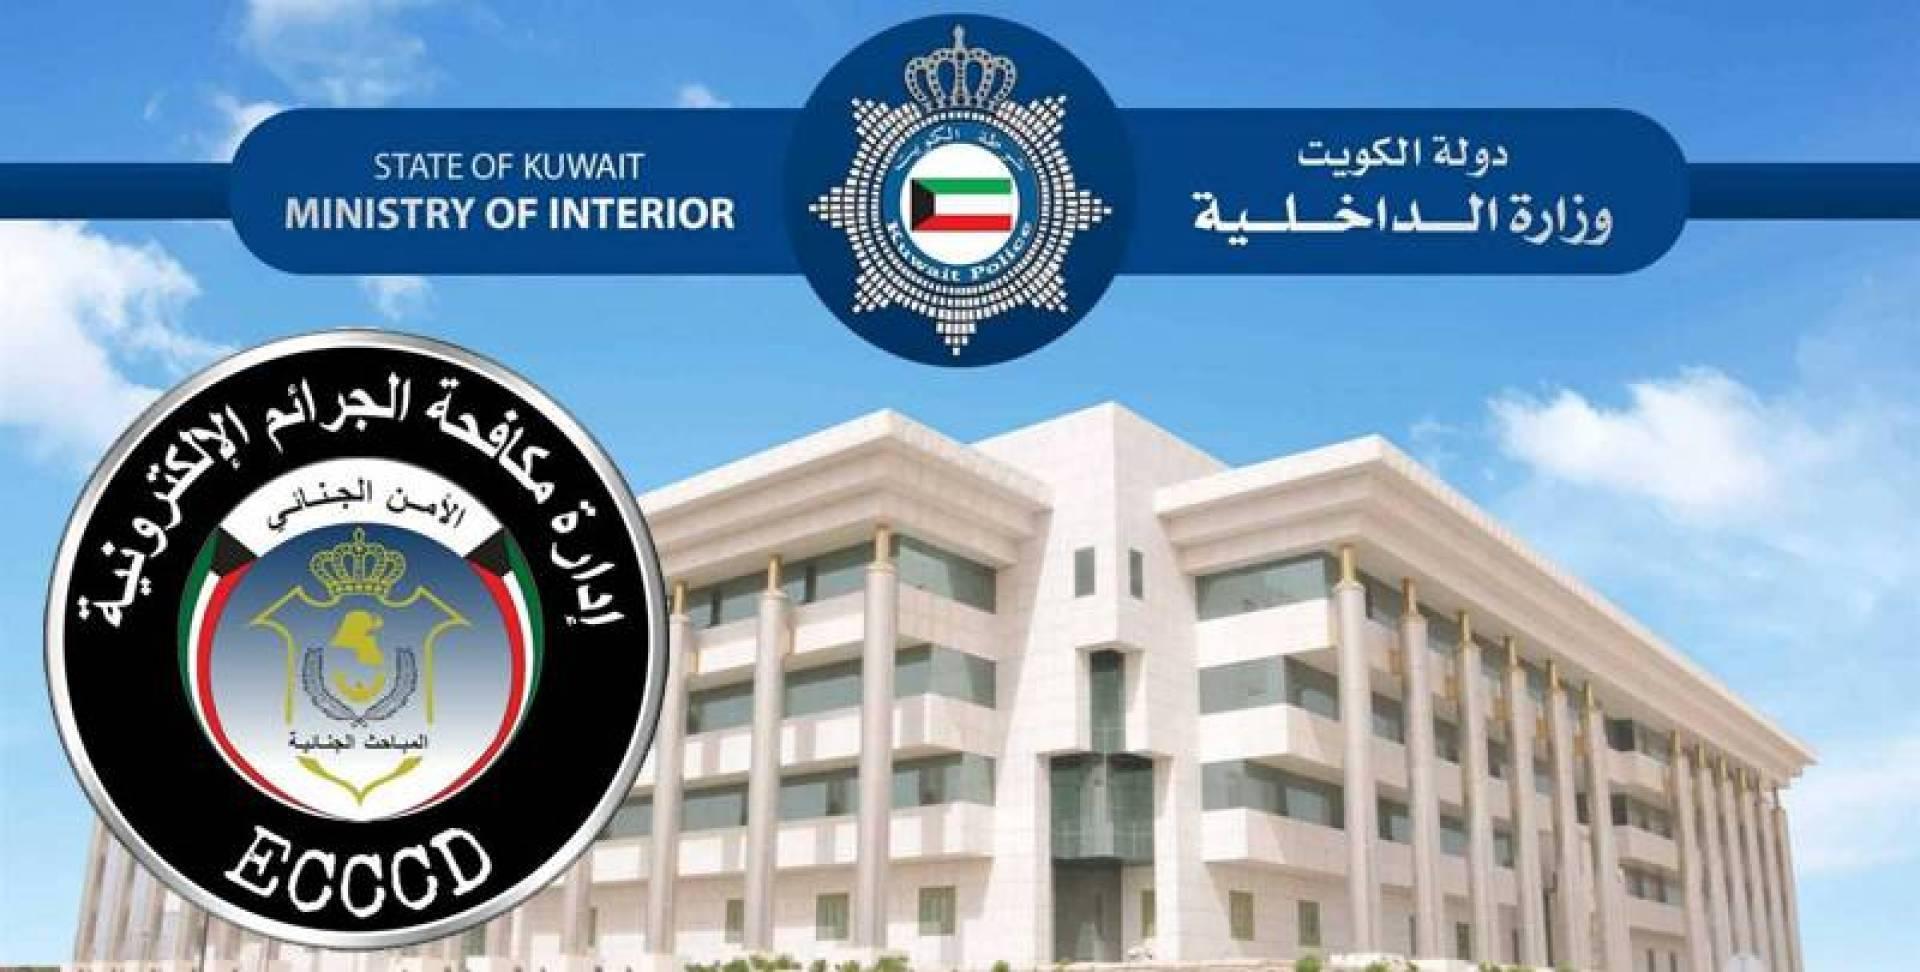 «الداخلية»: تسجيل 9 قضايا ضد حسابات إلكترونية إخبارية بثت أخباراً كاذبة